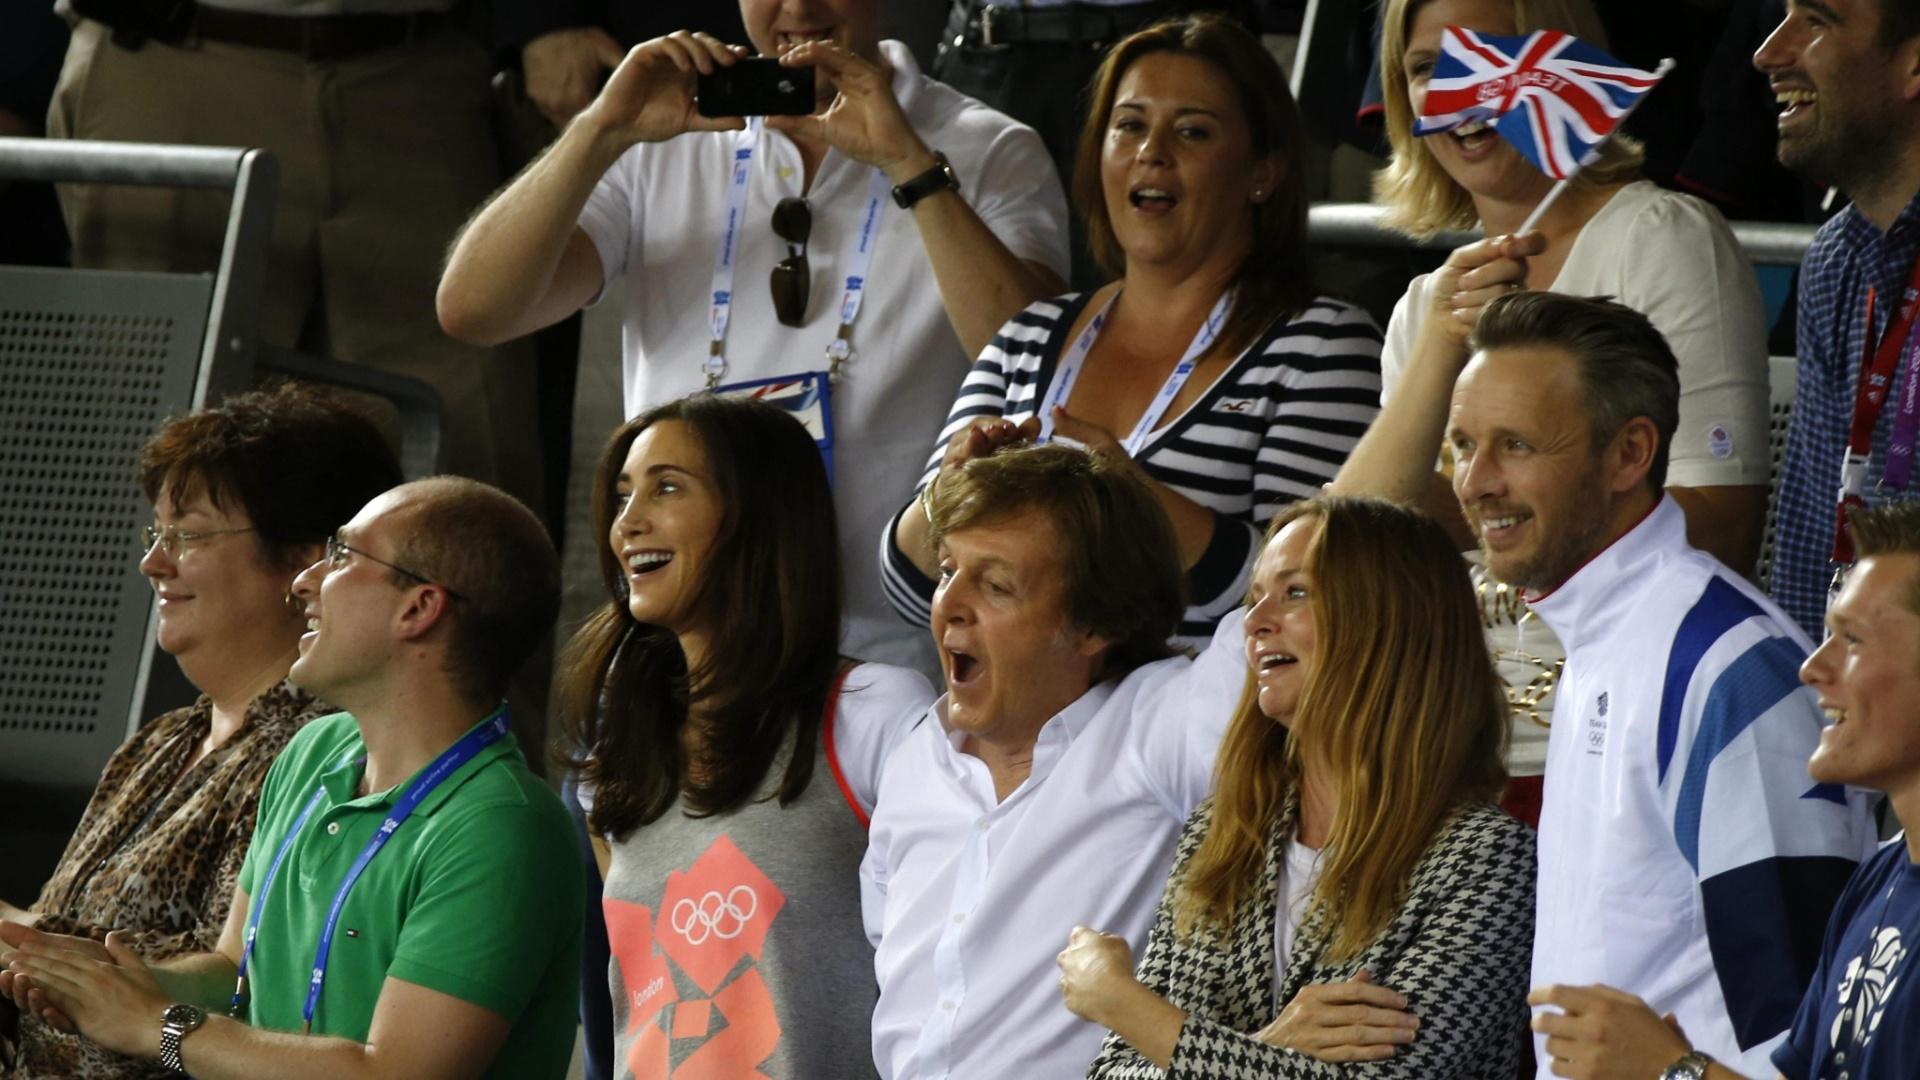 Paul McCartney comemora medalha de ouro do Reino Unido na prova por equipes femininas do cilcismo